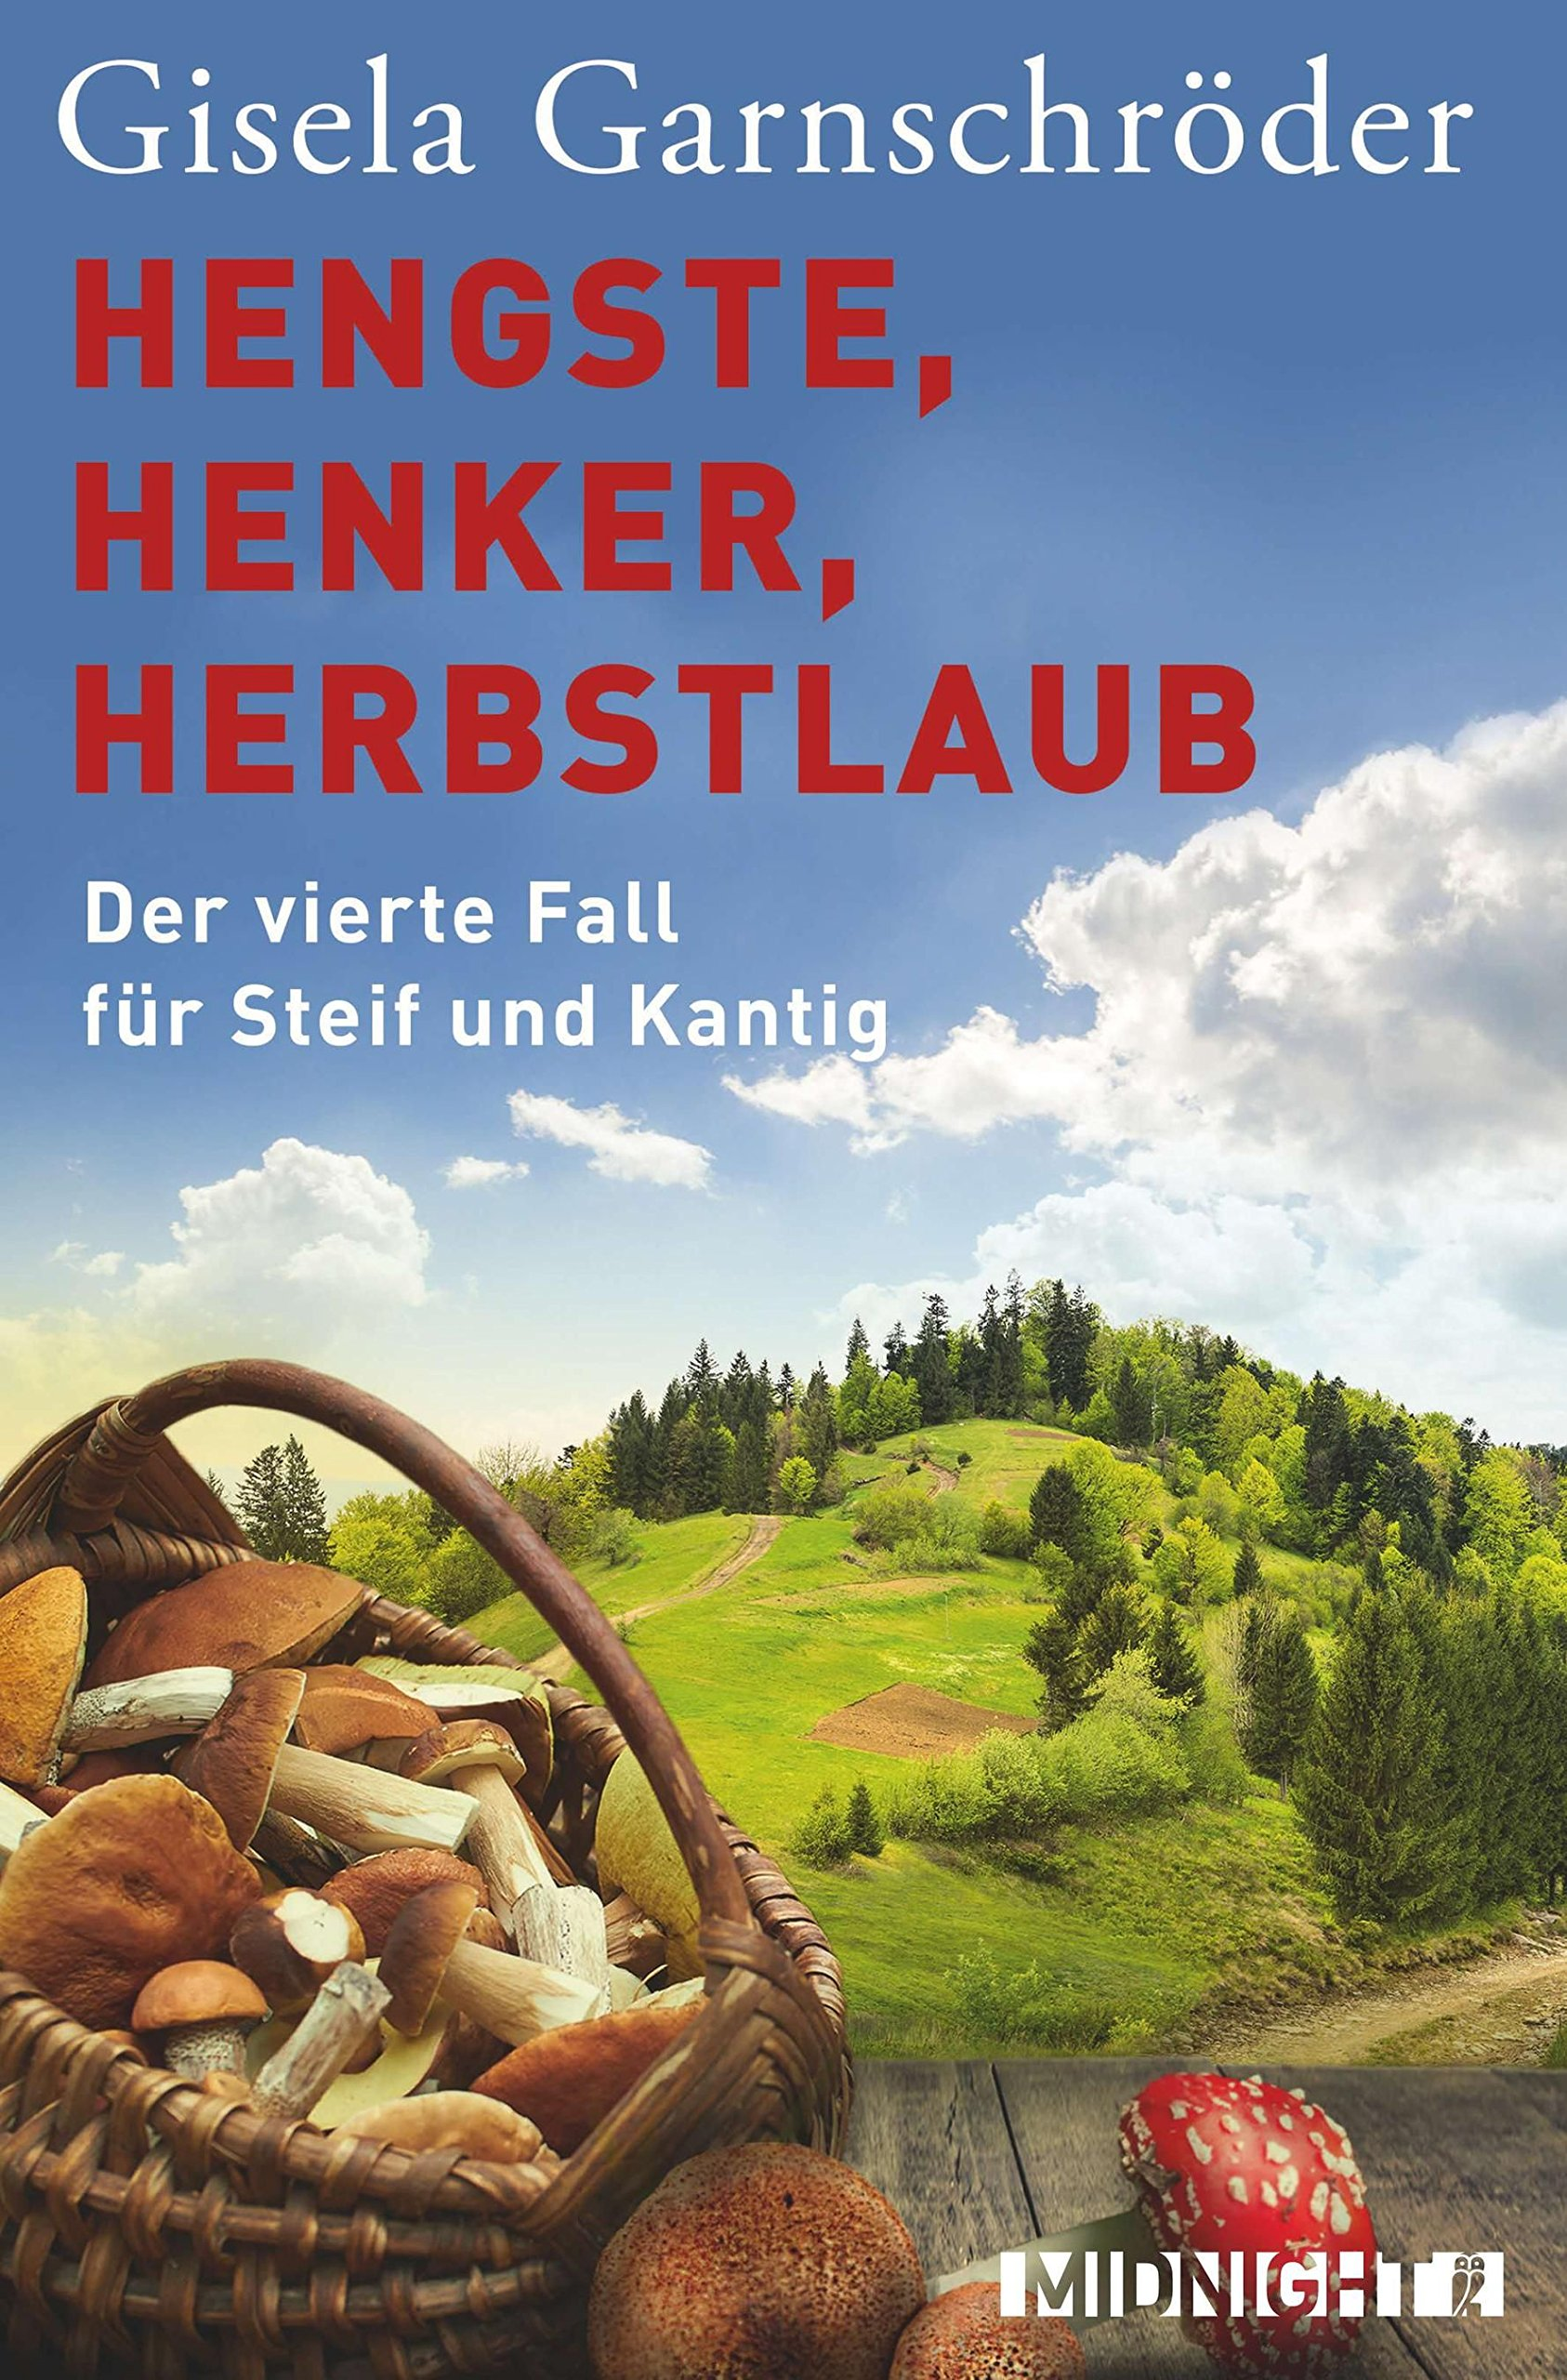 Hengste, Henker, Herbstlaub: Der vierte Fall für Steif und Kantig (Ein-Steif-und-Kantig-Krimi, Band 4)